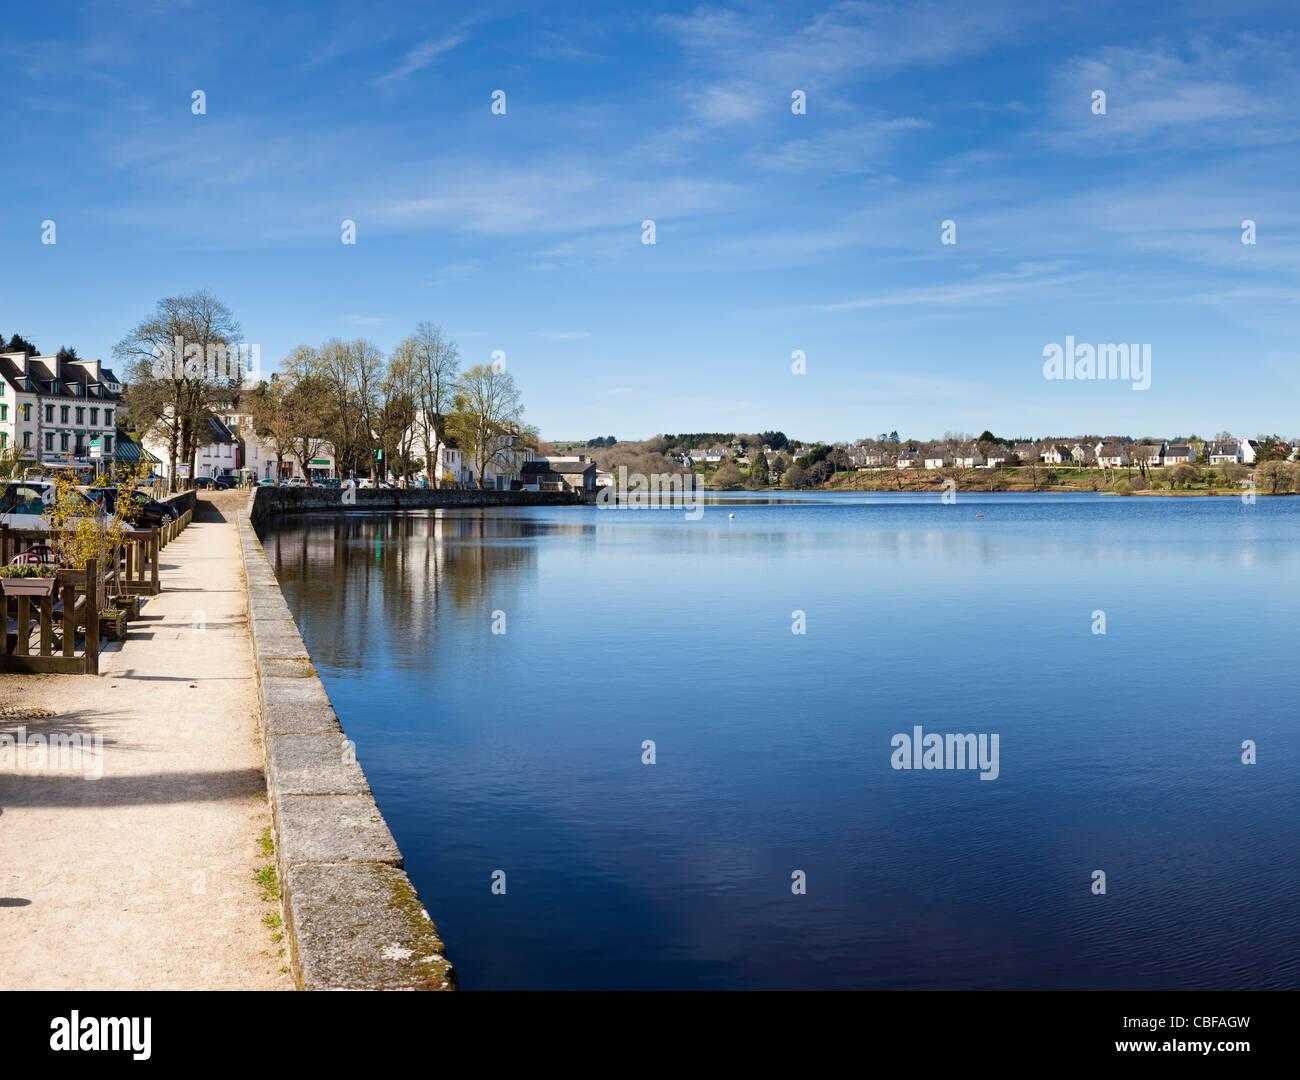 Par le chemin Lakeside à Huelgoat, Bretagne, France Photo Stock